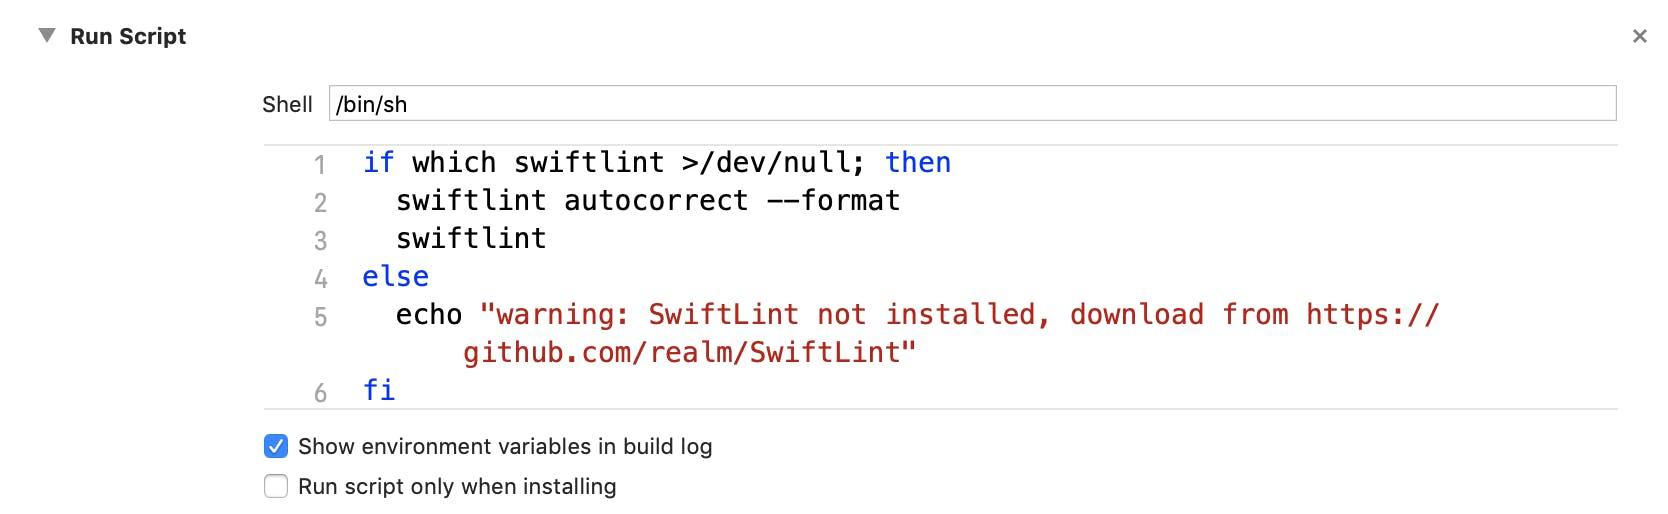 Swiftの静的解析ツール「SwiftLint」のセットアップ方法 - Qiita